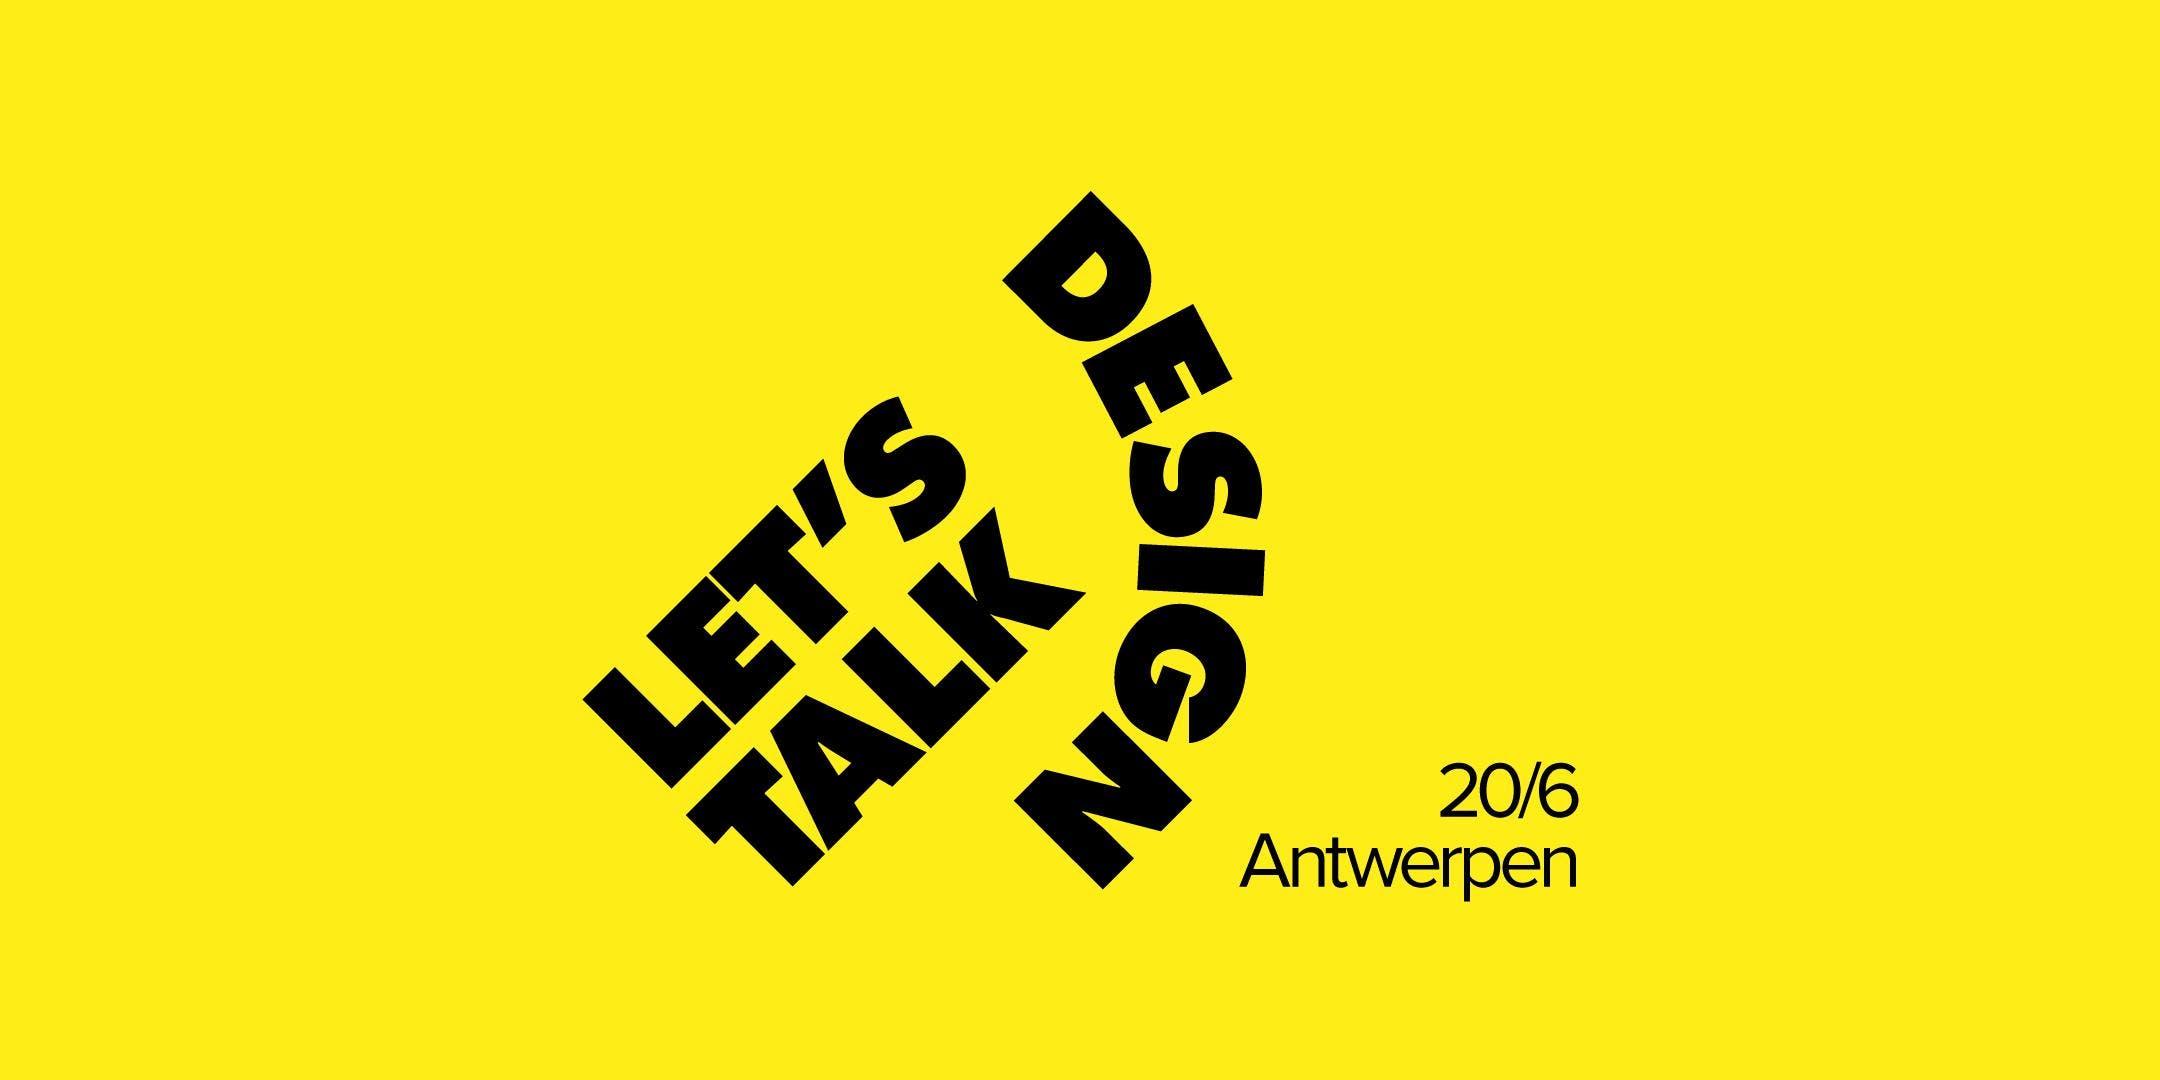 Let's Talk Design #21 — Antwerpen